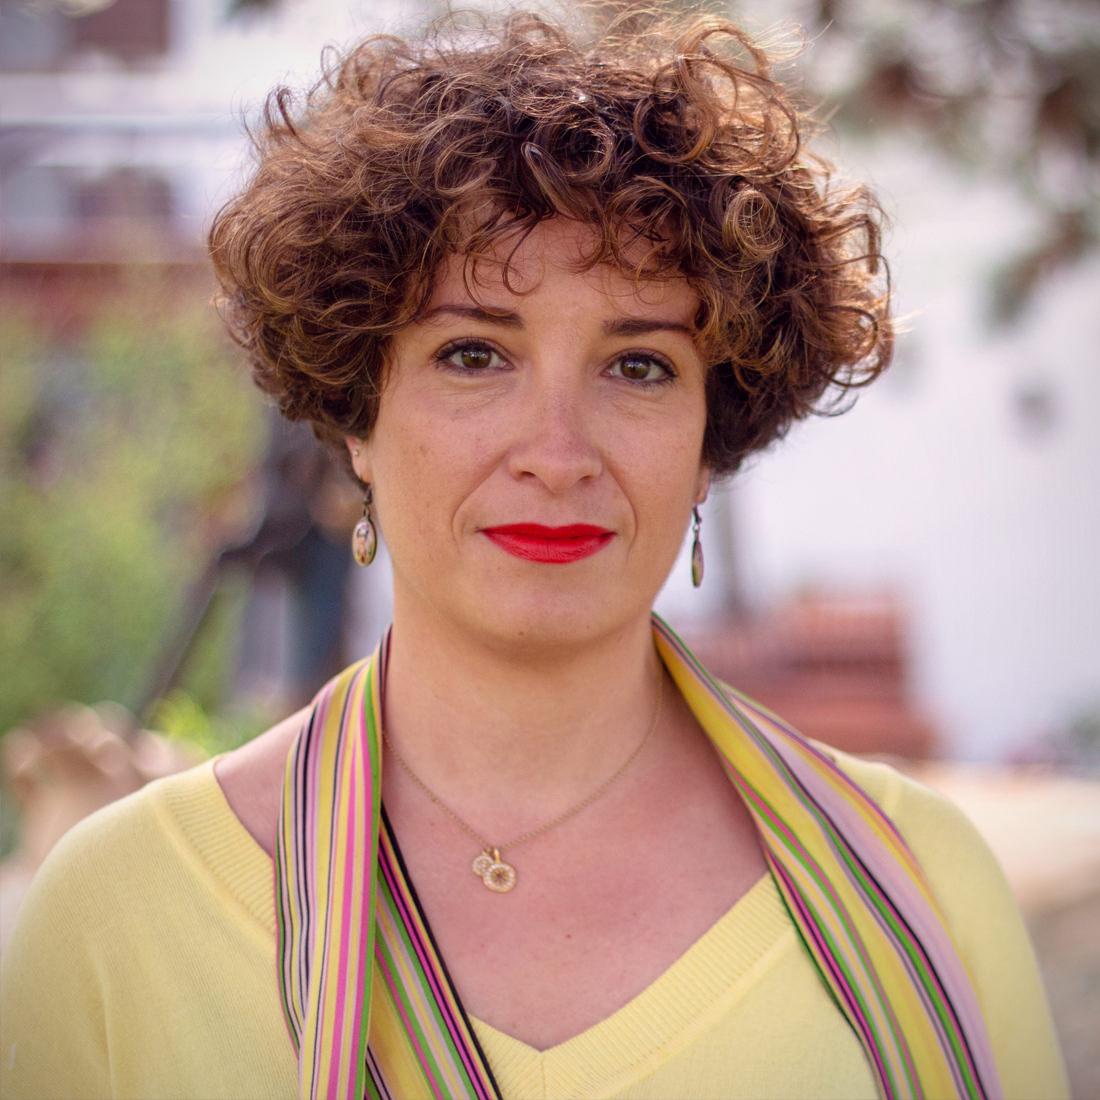 Dra. Ana Mª Sánchez Beltrán